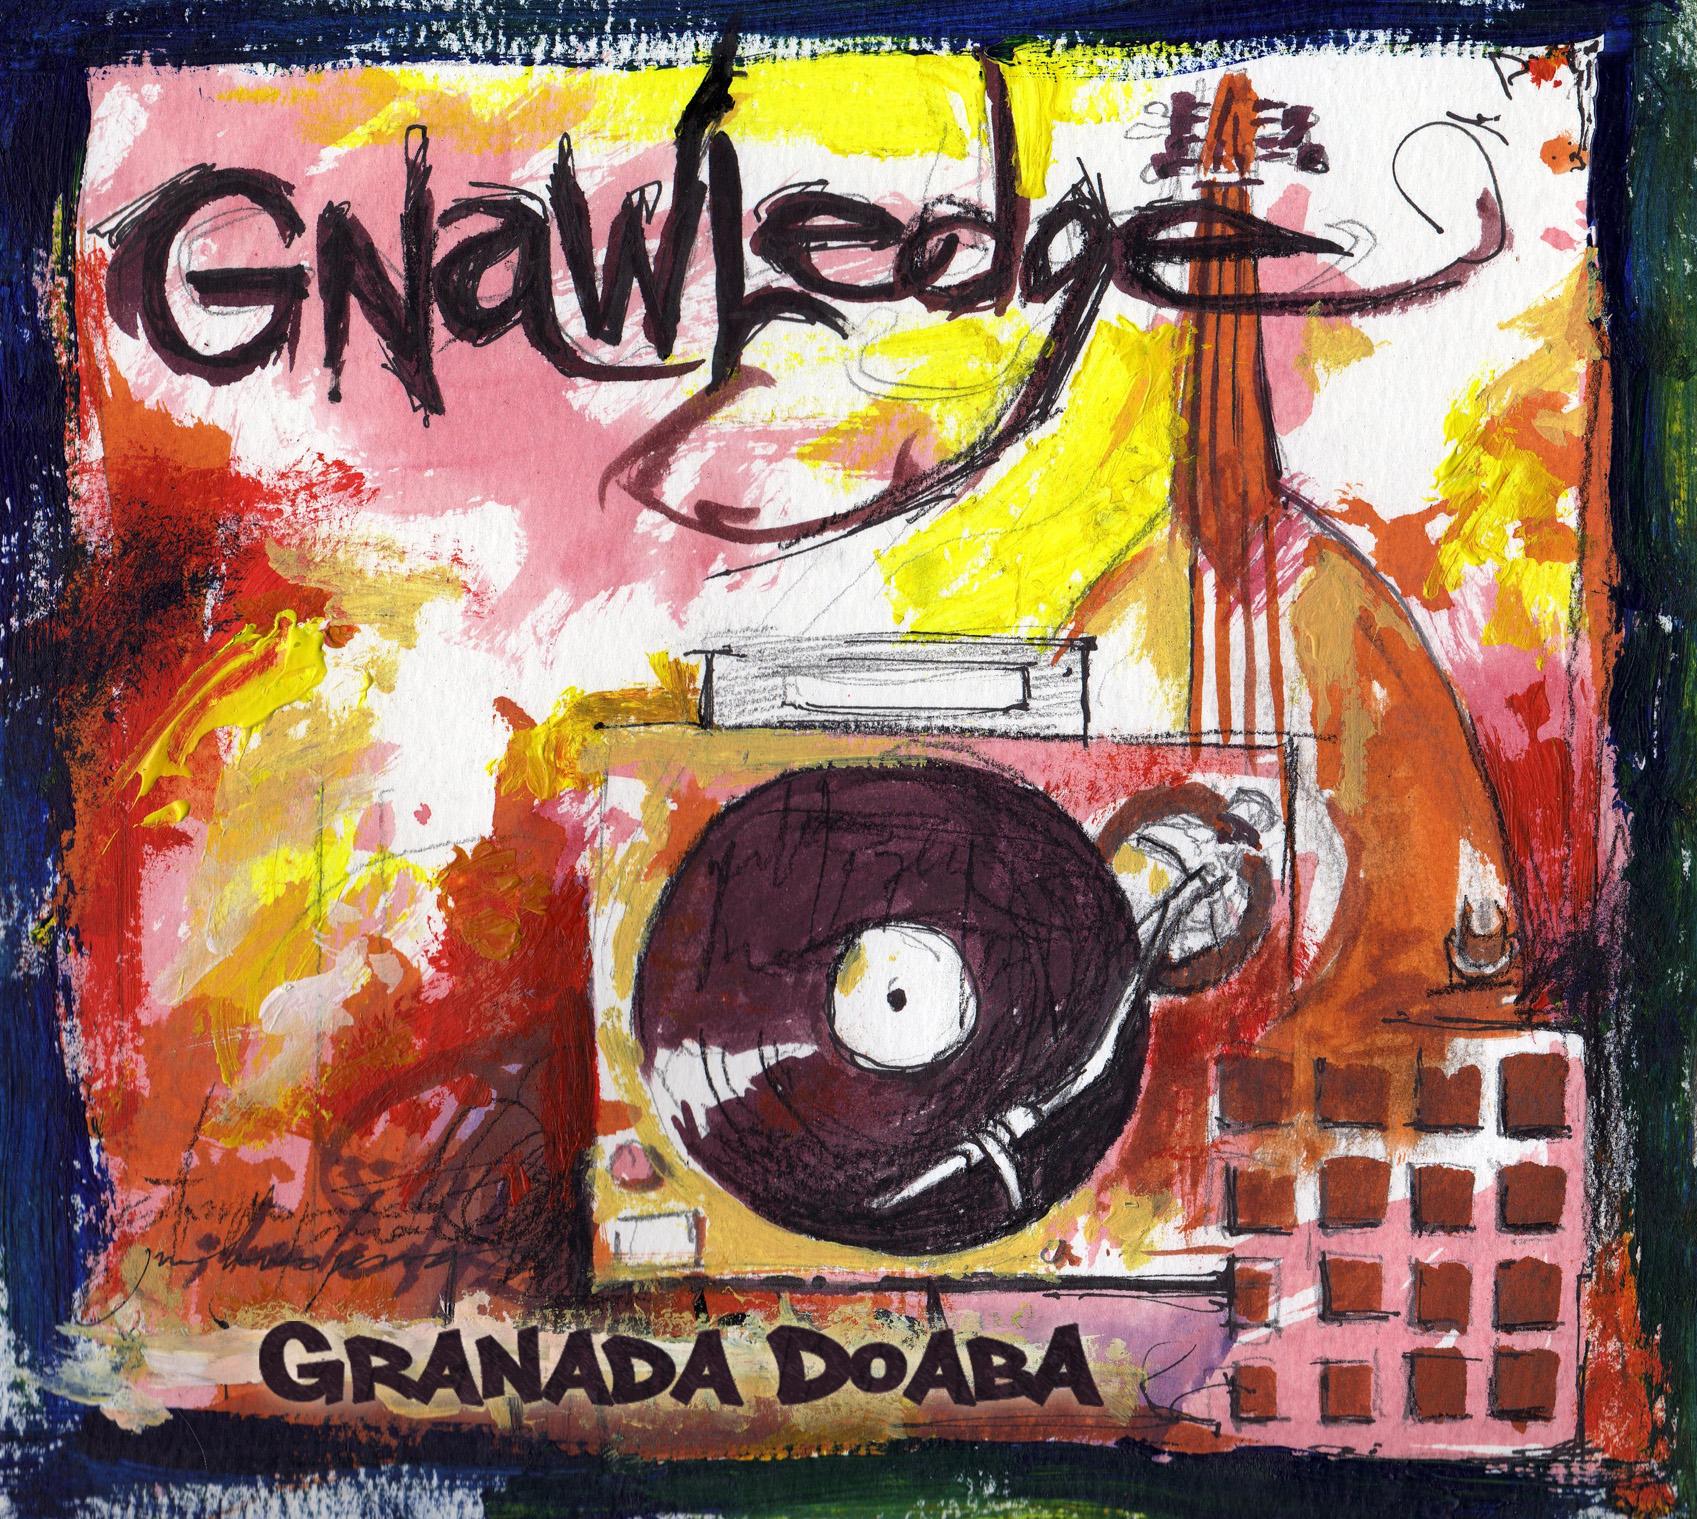 06 Granada Doaba.jpg